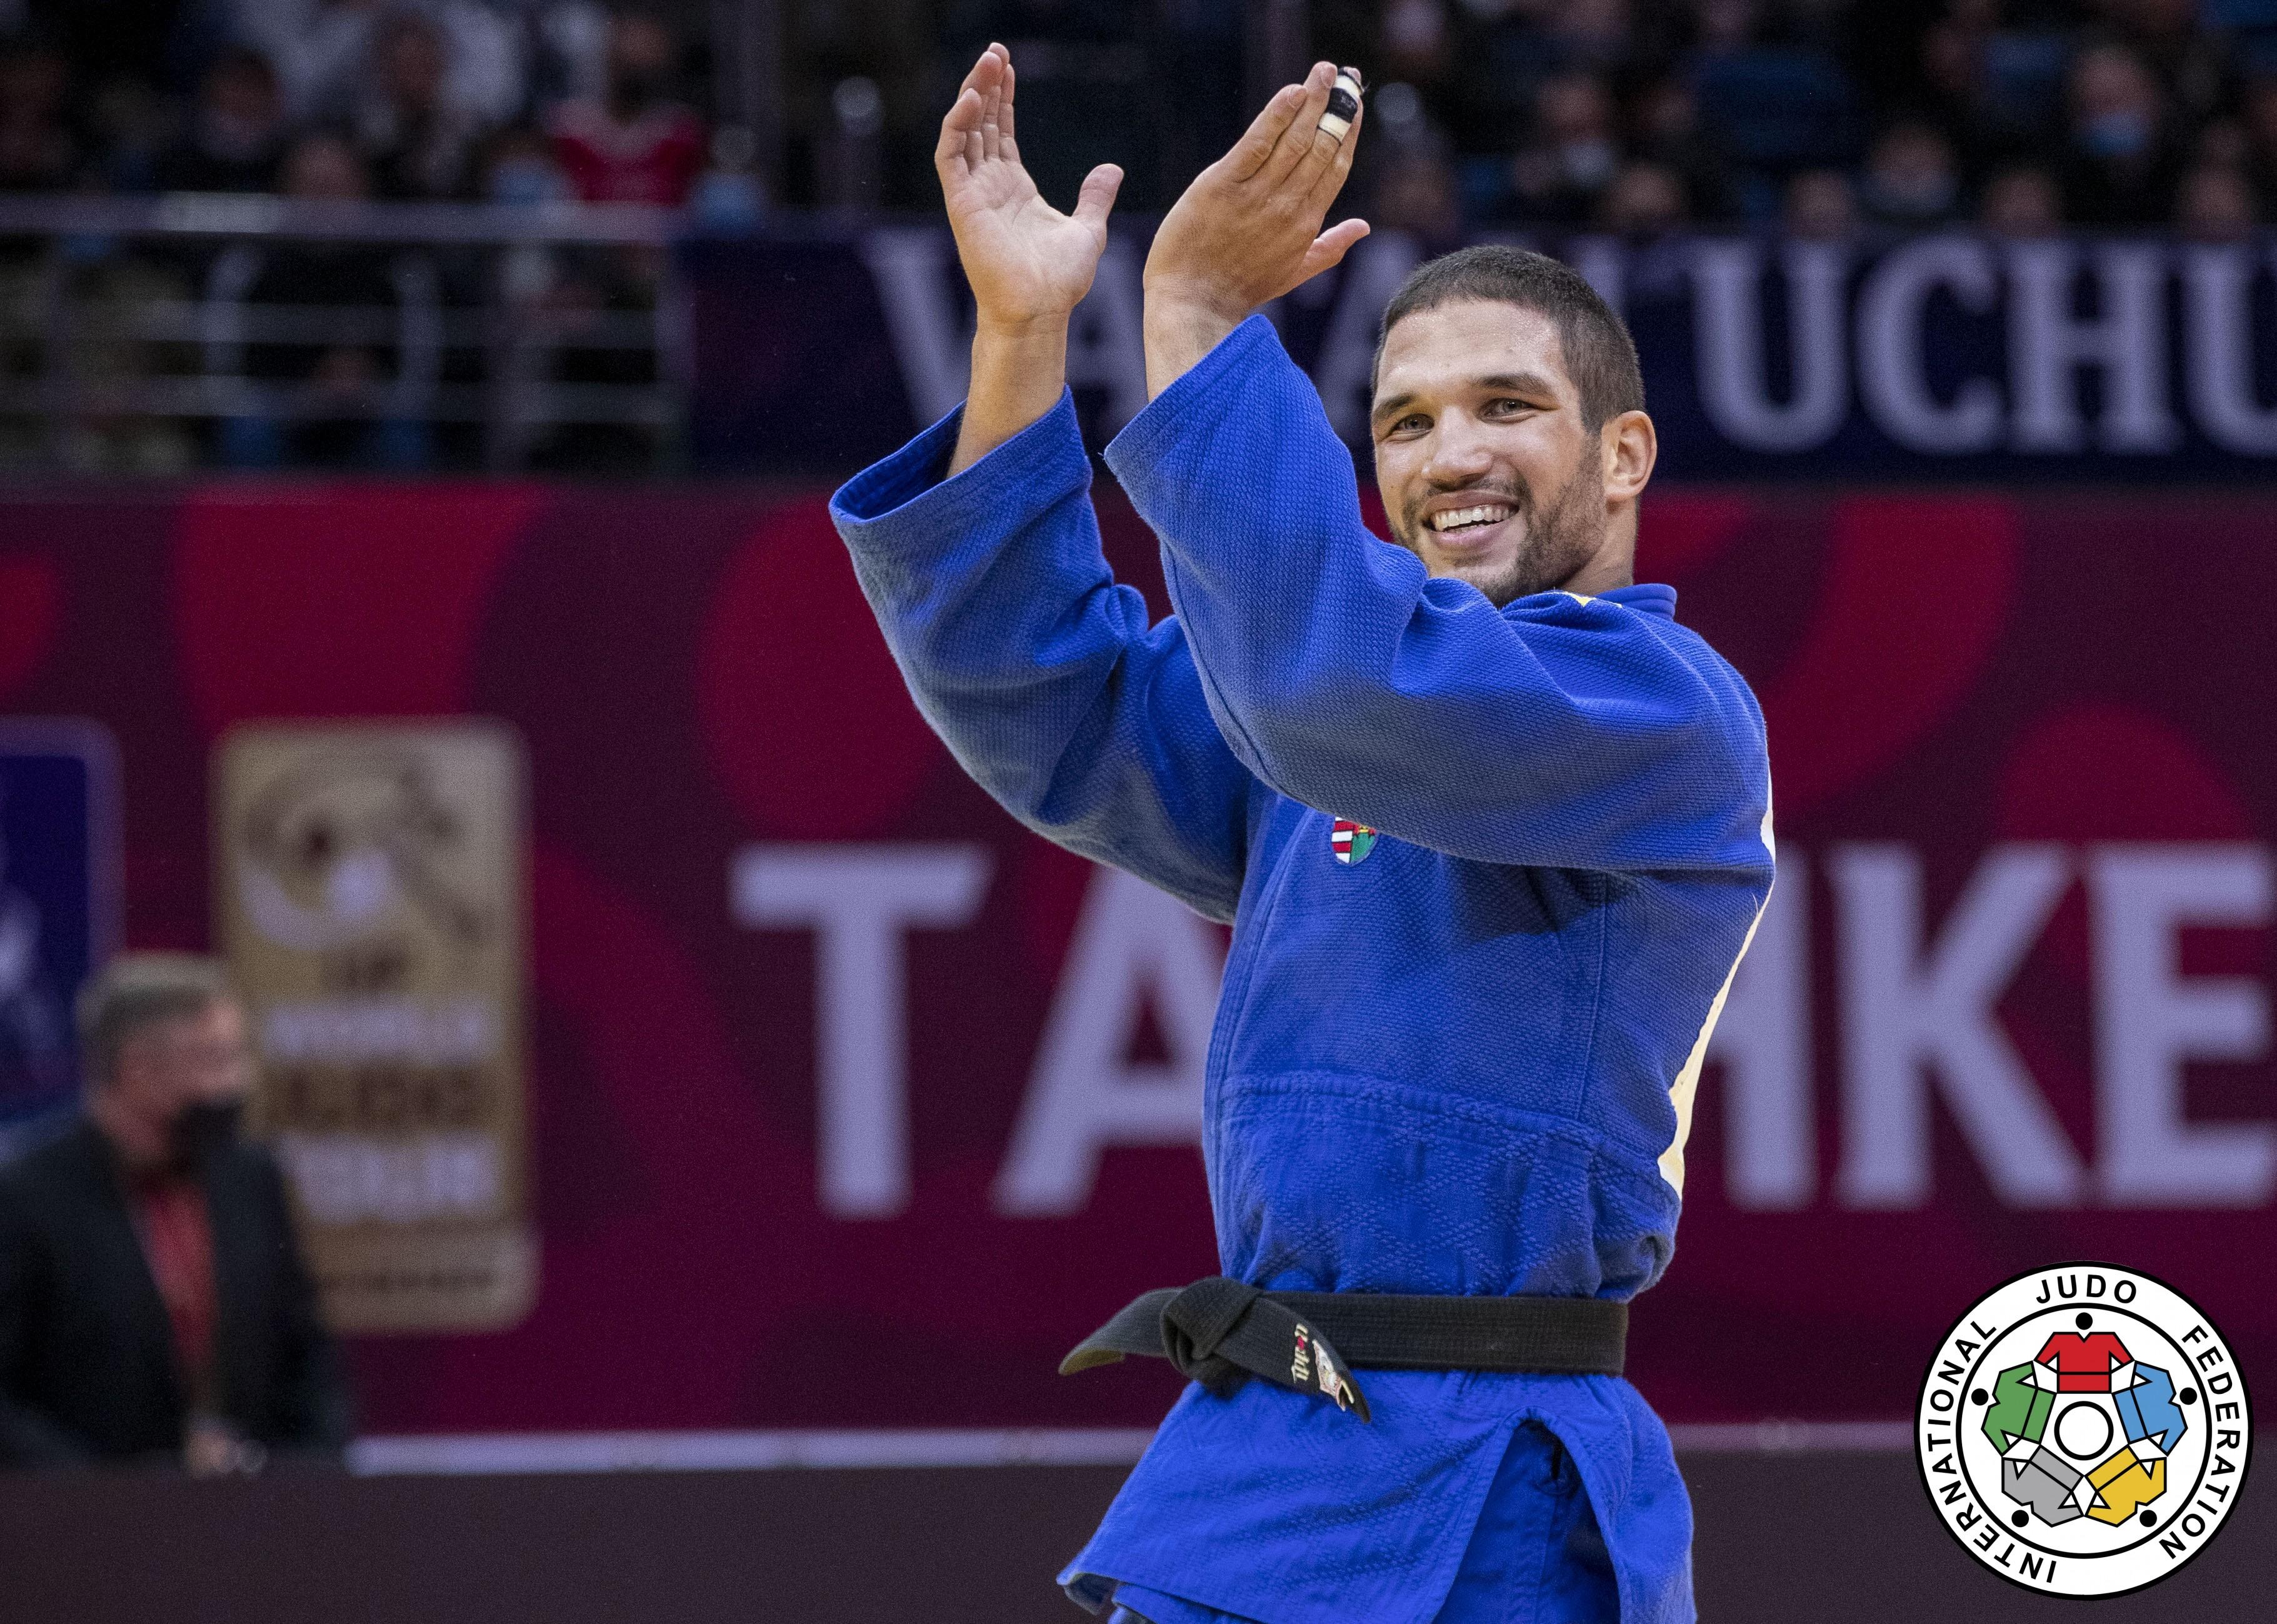 Judo-World-Tour-Grand-slam-Tashkent-2021-TOTH-Krisztian-Hungary-90-kg-bronze